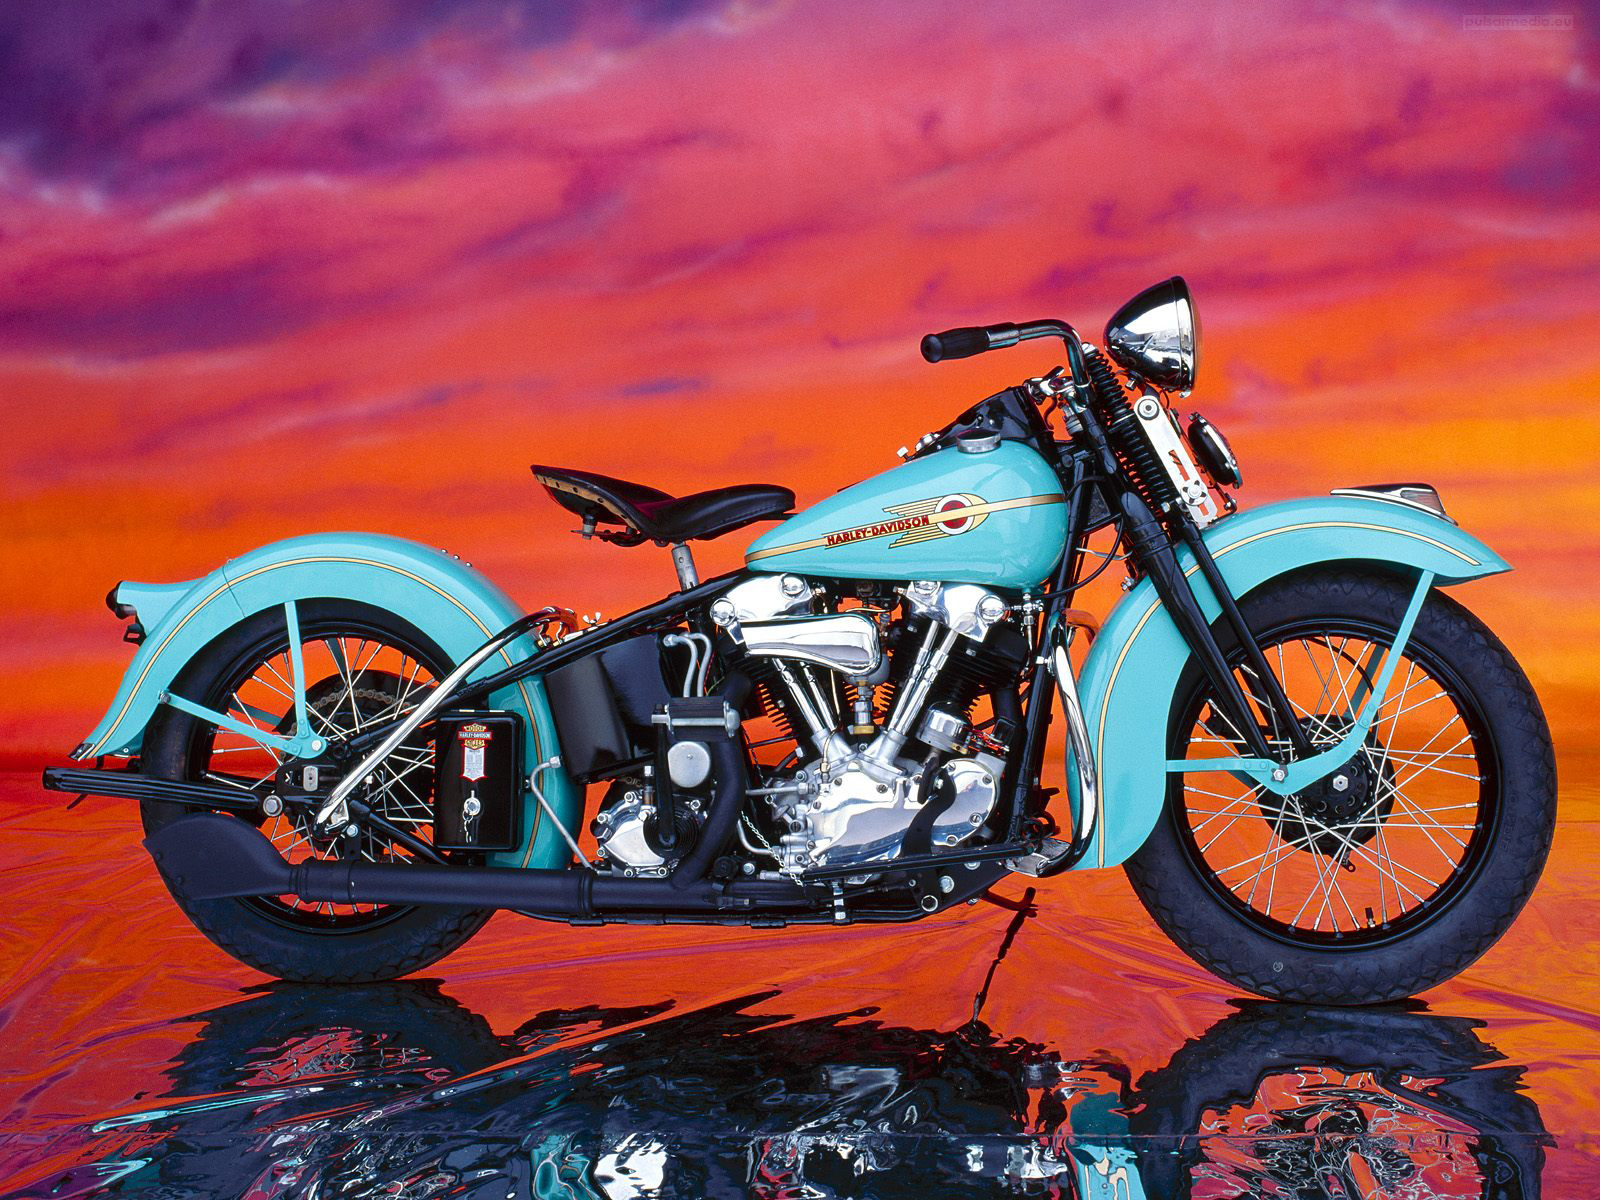 http://1.bp.blogspot.com/-mBUl37Oz6qs/TZSbJaXNX6I/AAAAAAAAByU/IHAZ4nBm6iw/s1600/Harley+Davidson-021+1280X1024+Deluxe+Car+Wallpaper.jpg